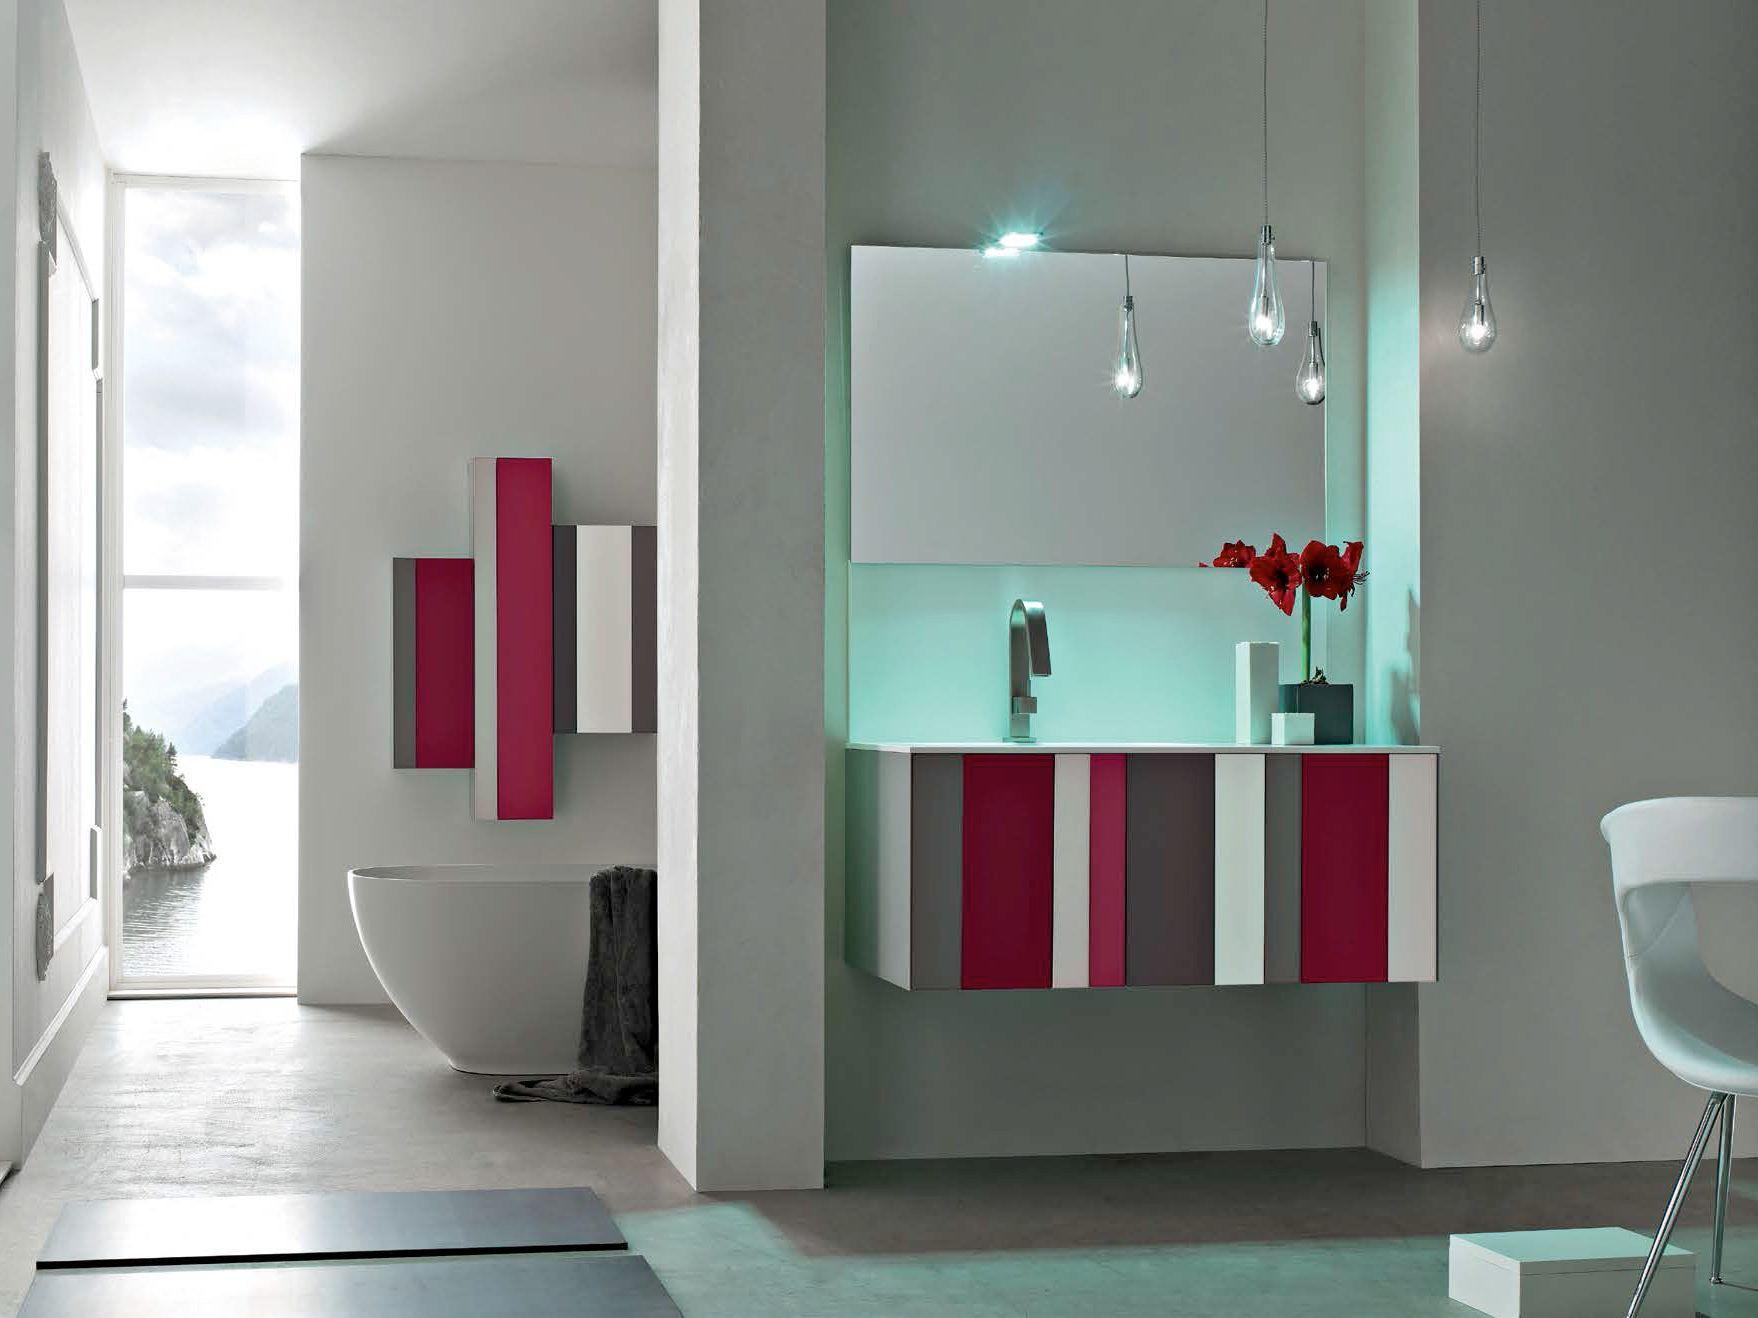 sistema bagno componibile spring - composizione 2 collezione ... - Arredo Bagno Arcom